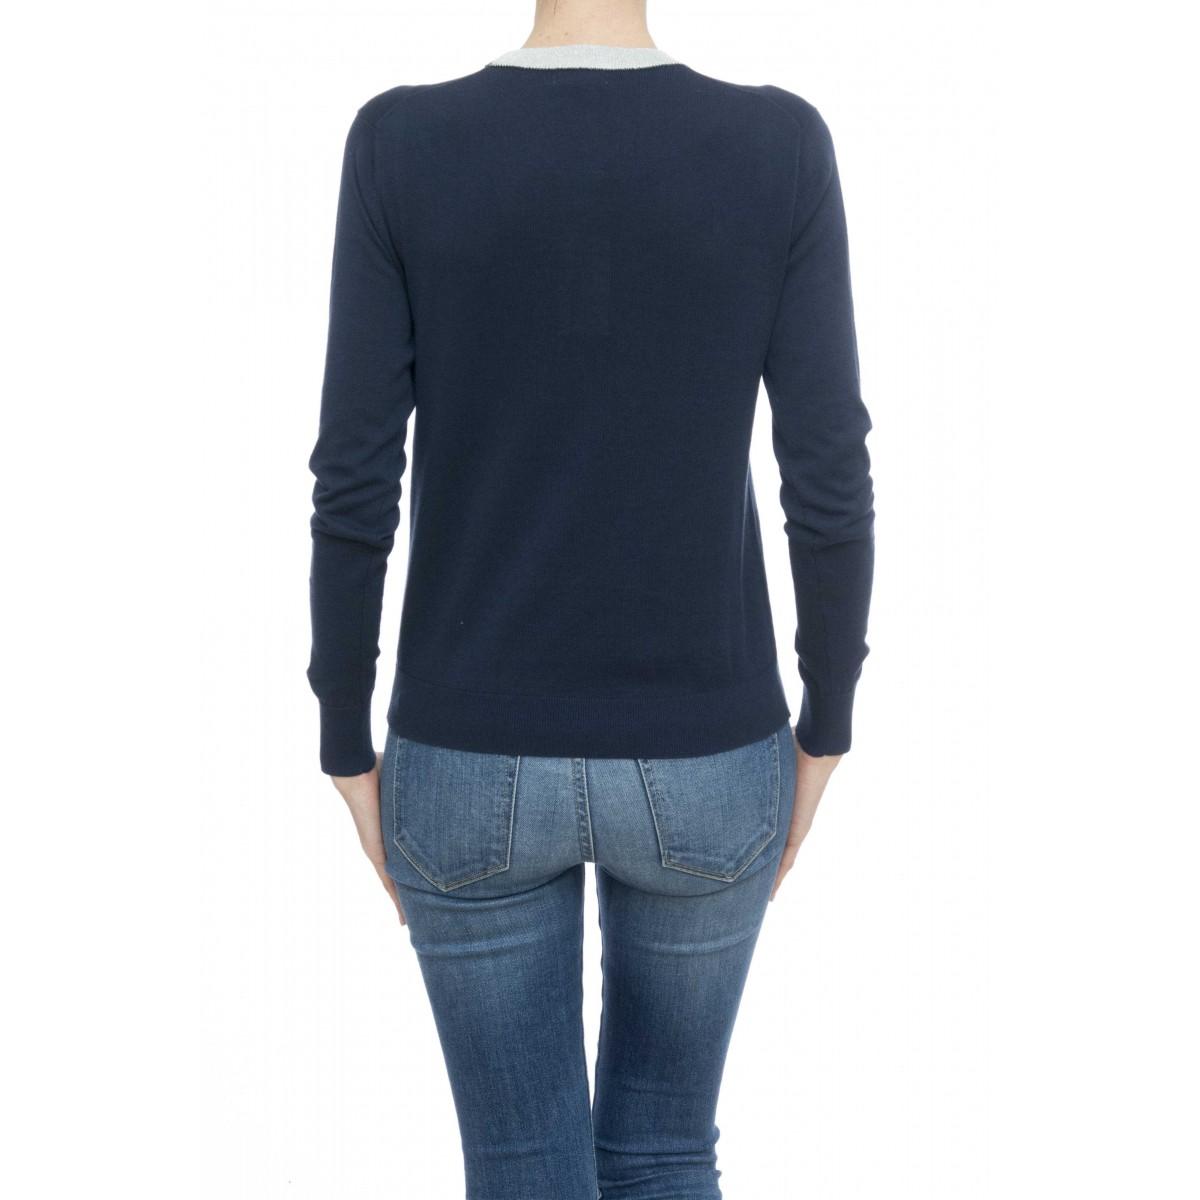 Maglia donna - K19214 maglia lurex